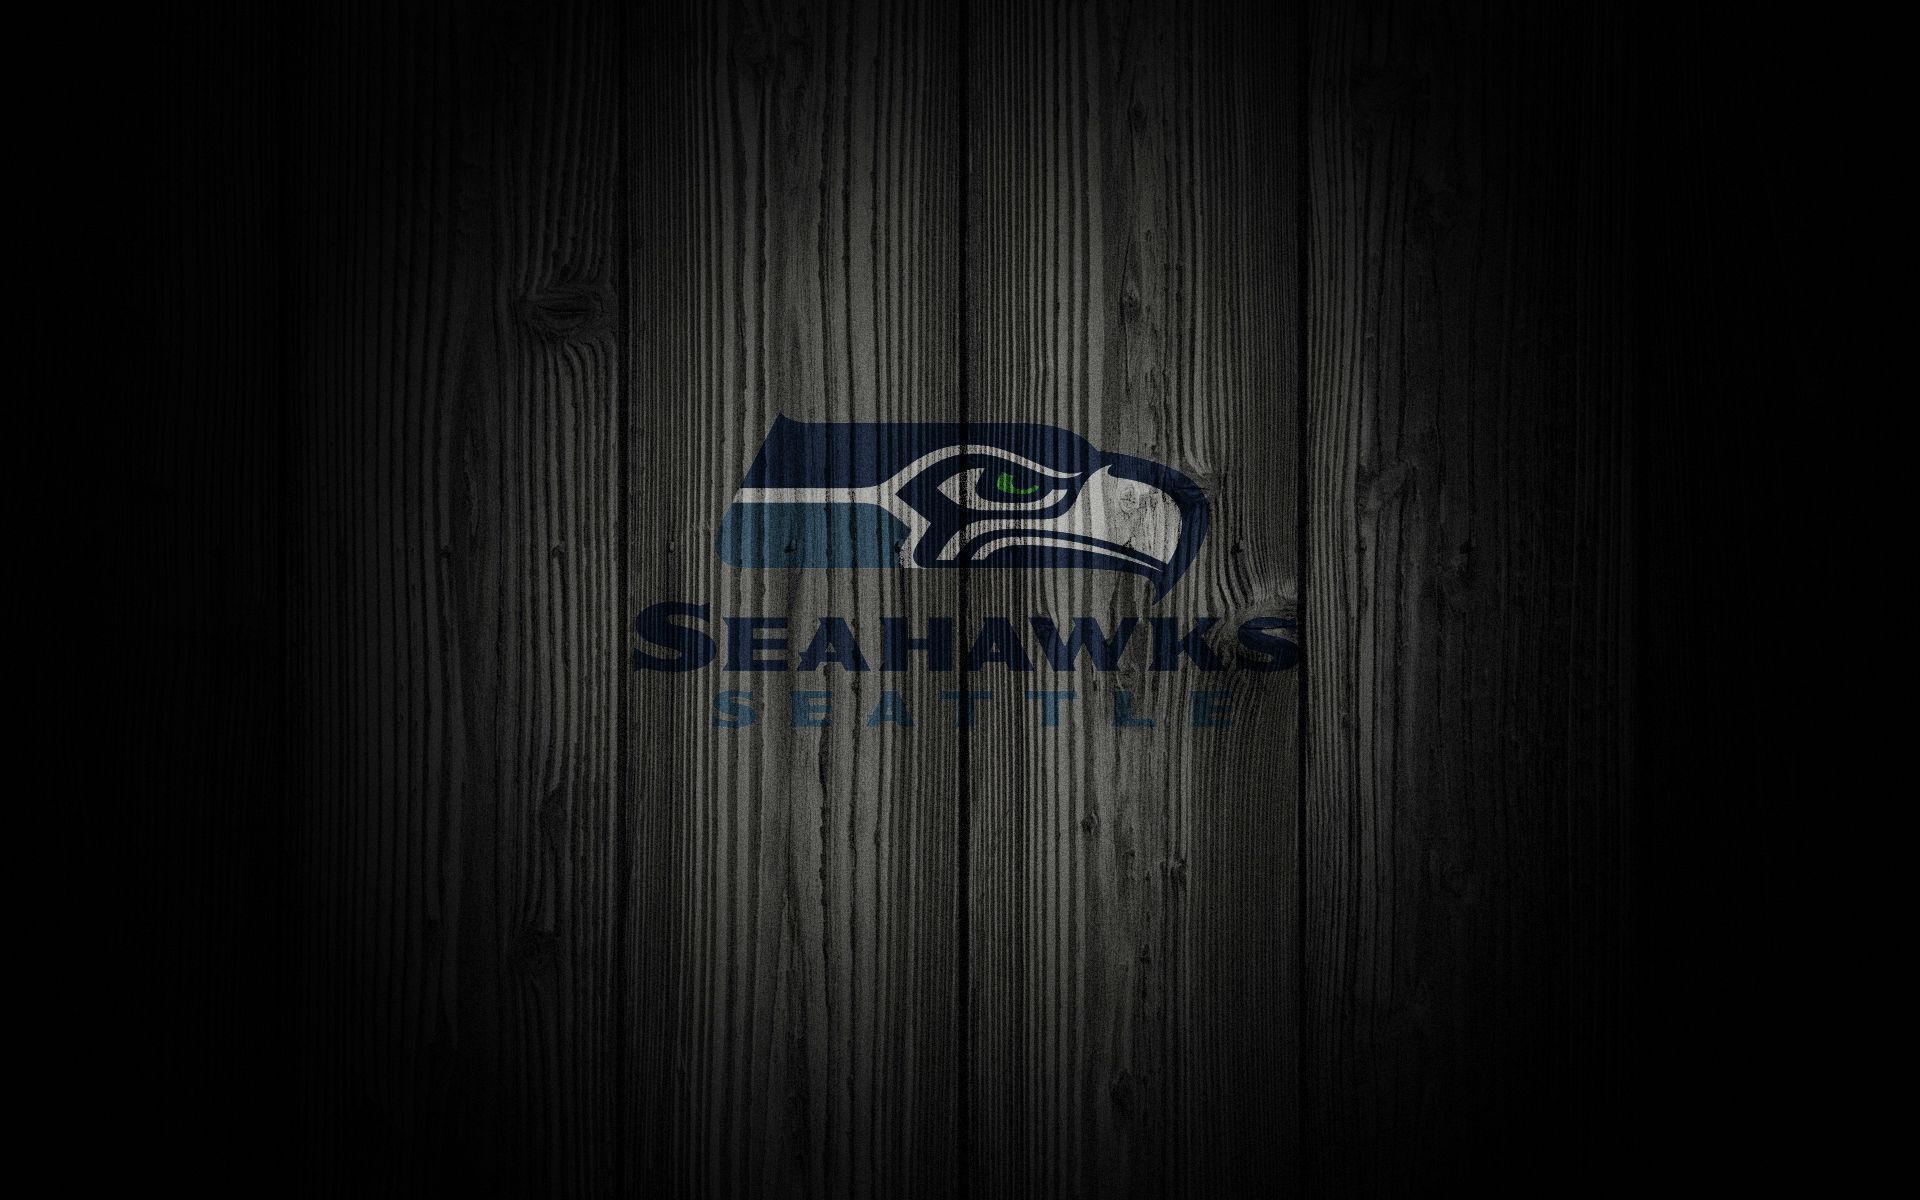 Free Seattle Seahawks Wallpaper